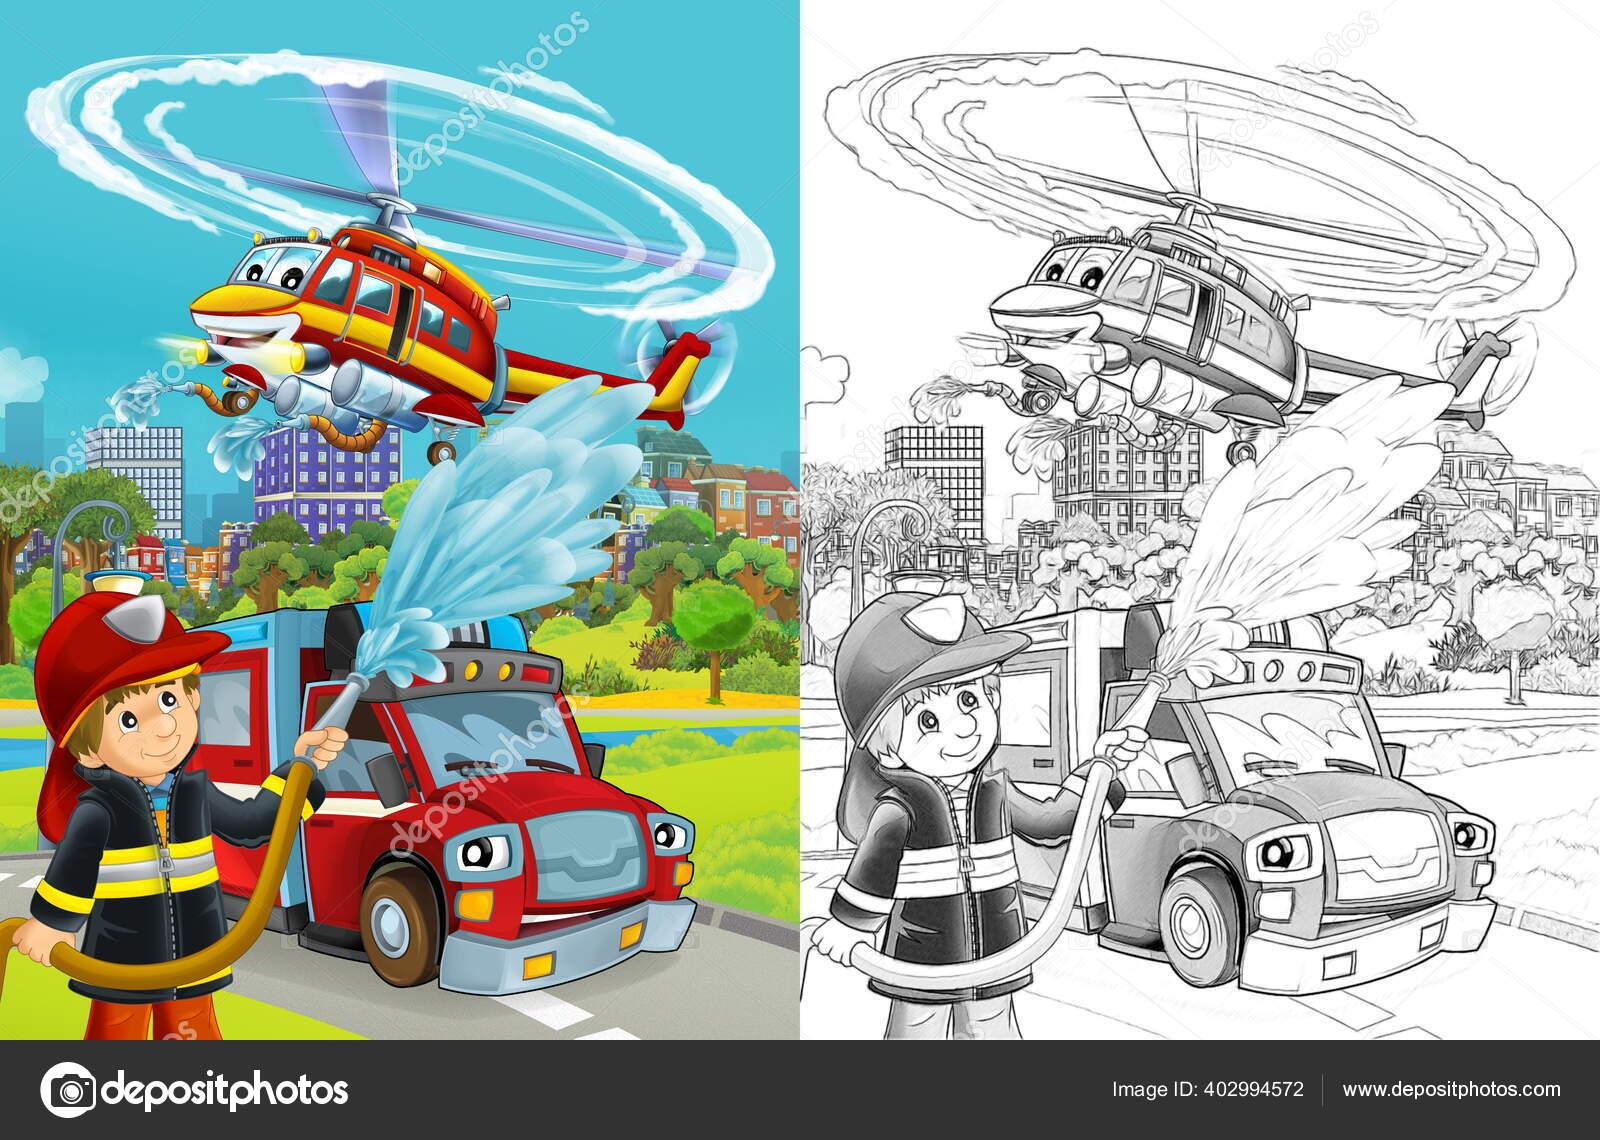 Adegan Sketsa Kartun Dengan Kendaraan Pemadam Kebakaran Jalan Dan Petugas Stok Foto C Illustrator Hft 402994572